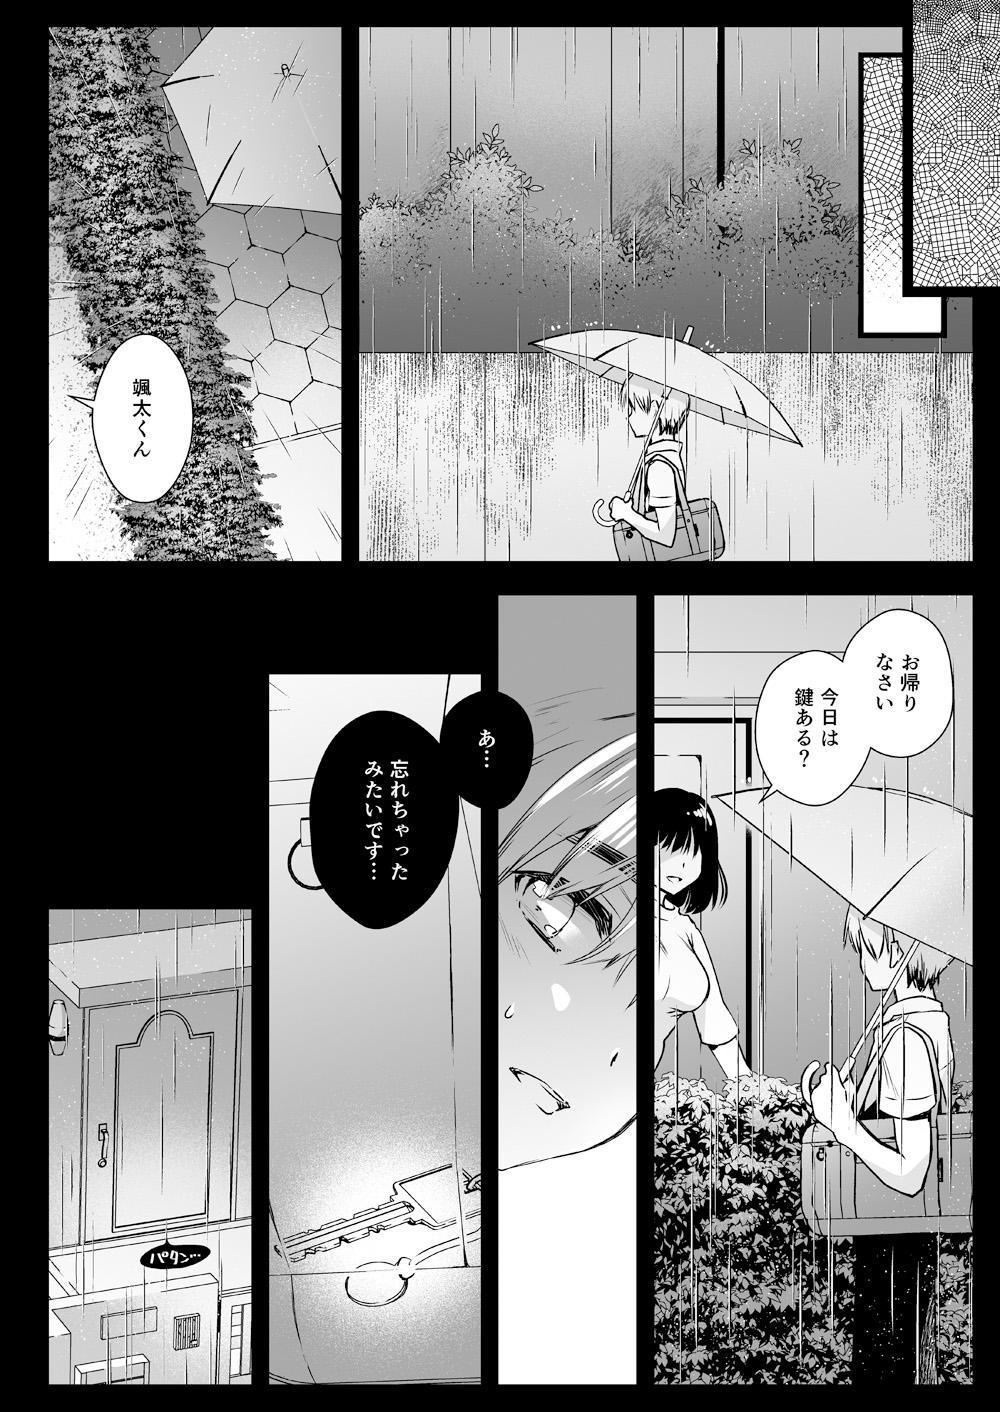 Rinka no Onee-san ni Yuuwaku Saremashita 28